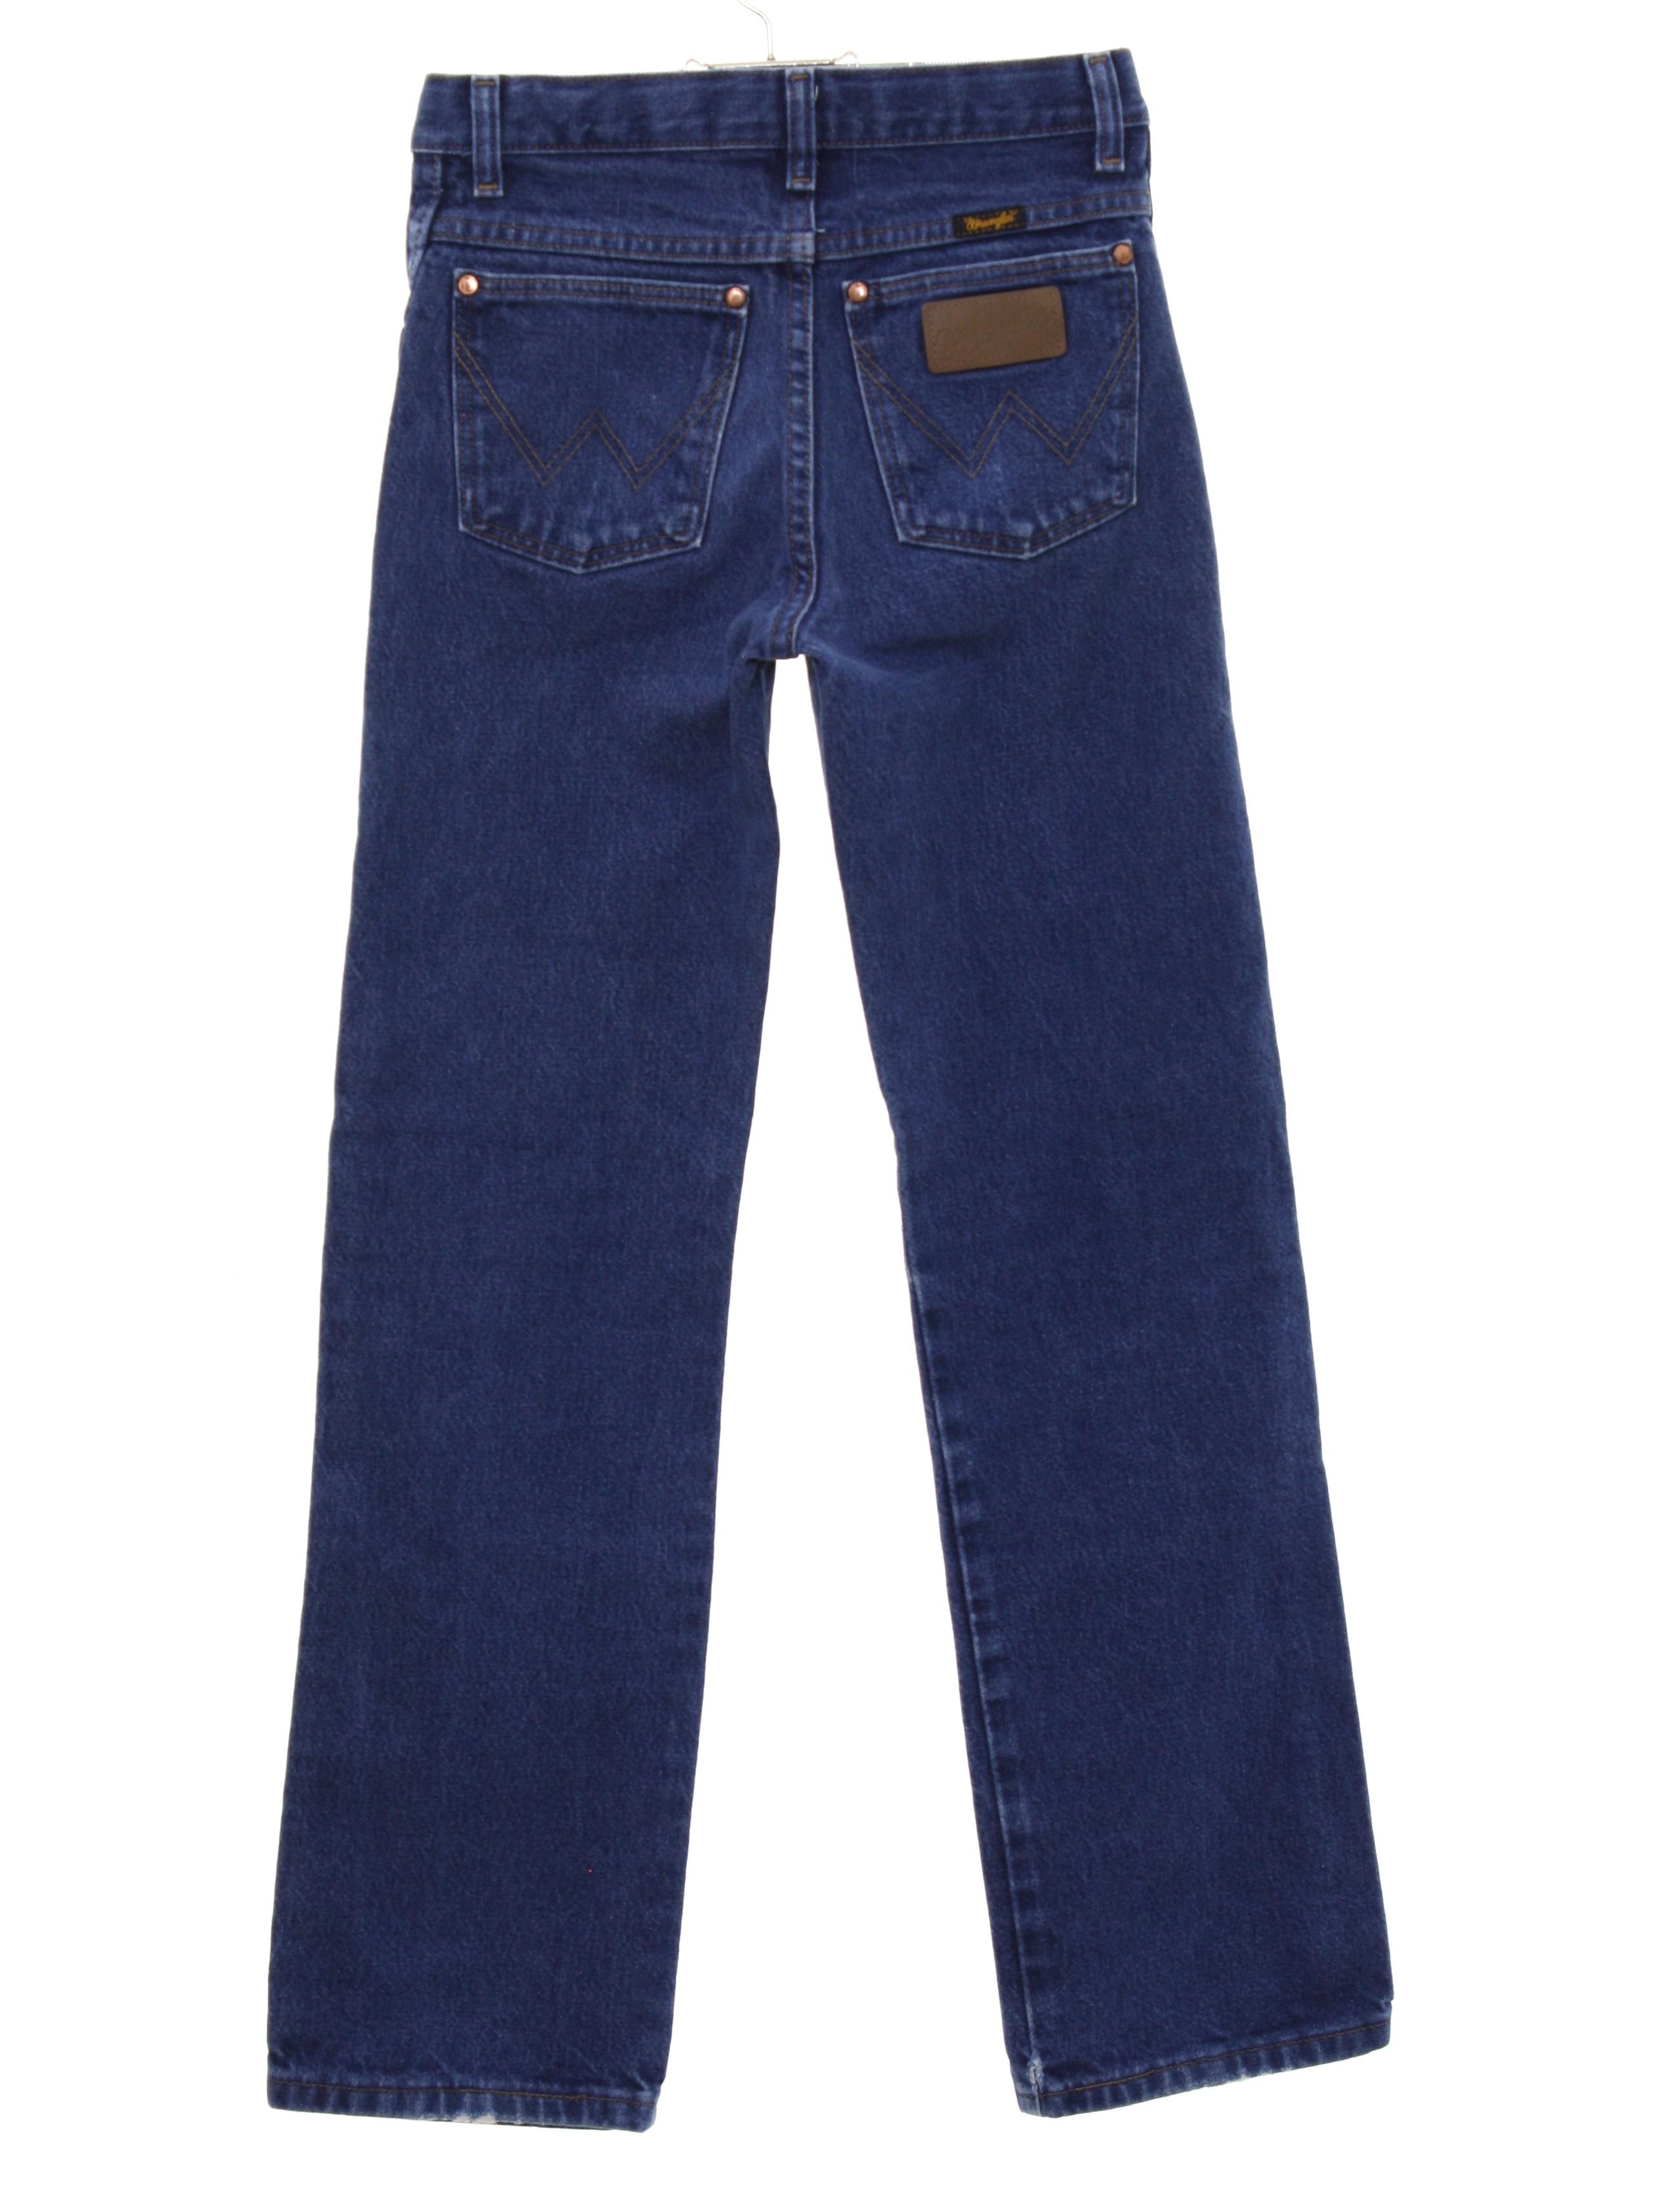 0ac0ad69 Wrangler 90's Vintage Pants: 90s -Wrangler- Womens/Girls dark blue ...